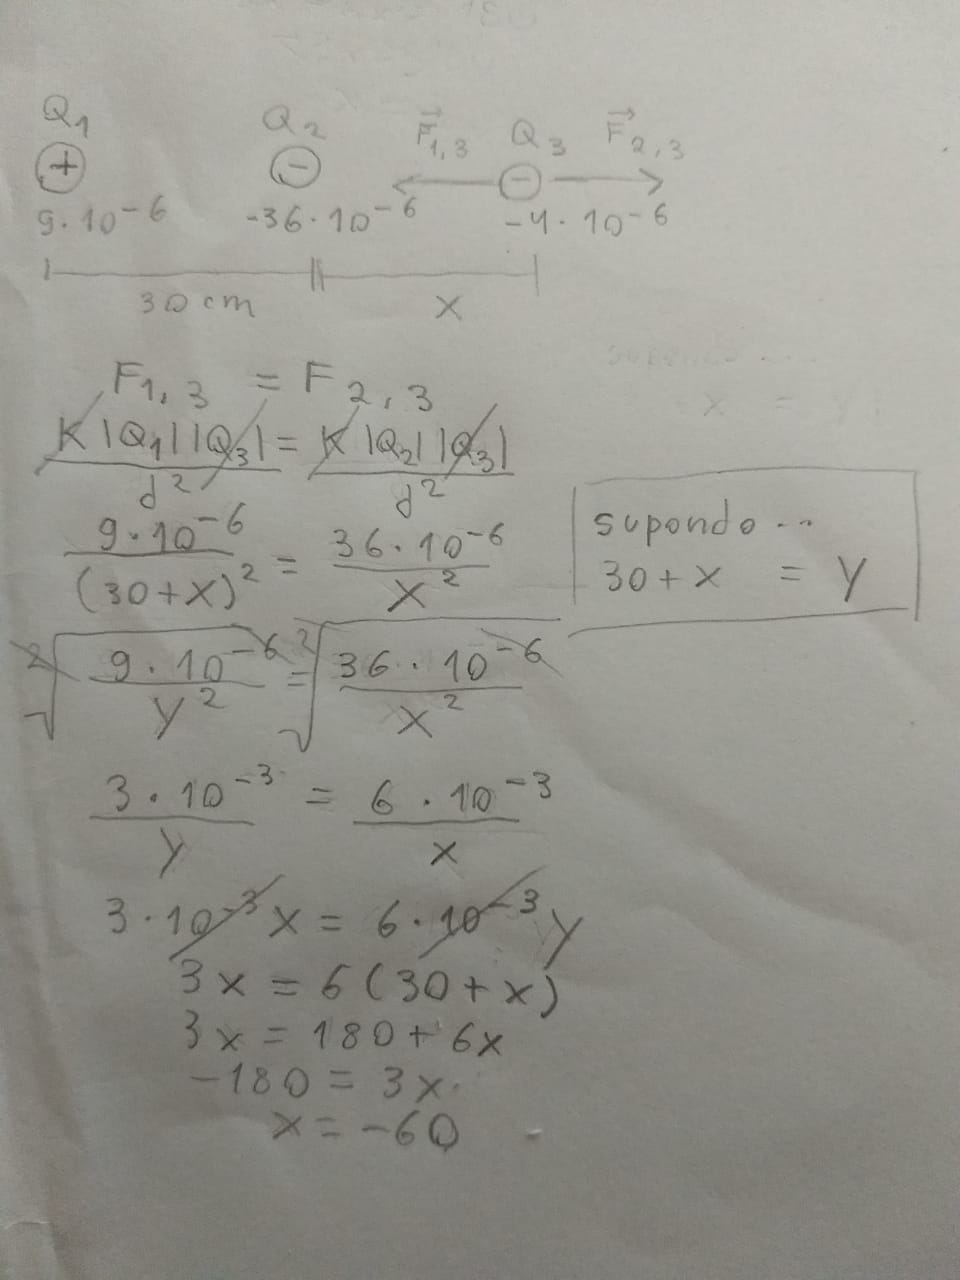 Questão de força elétrica Questa10